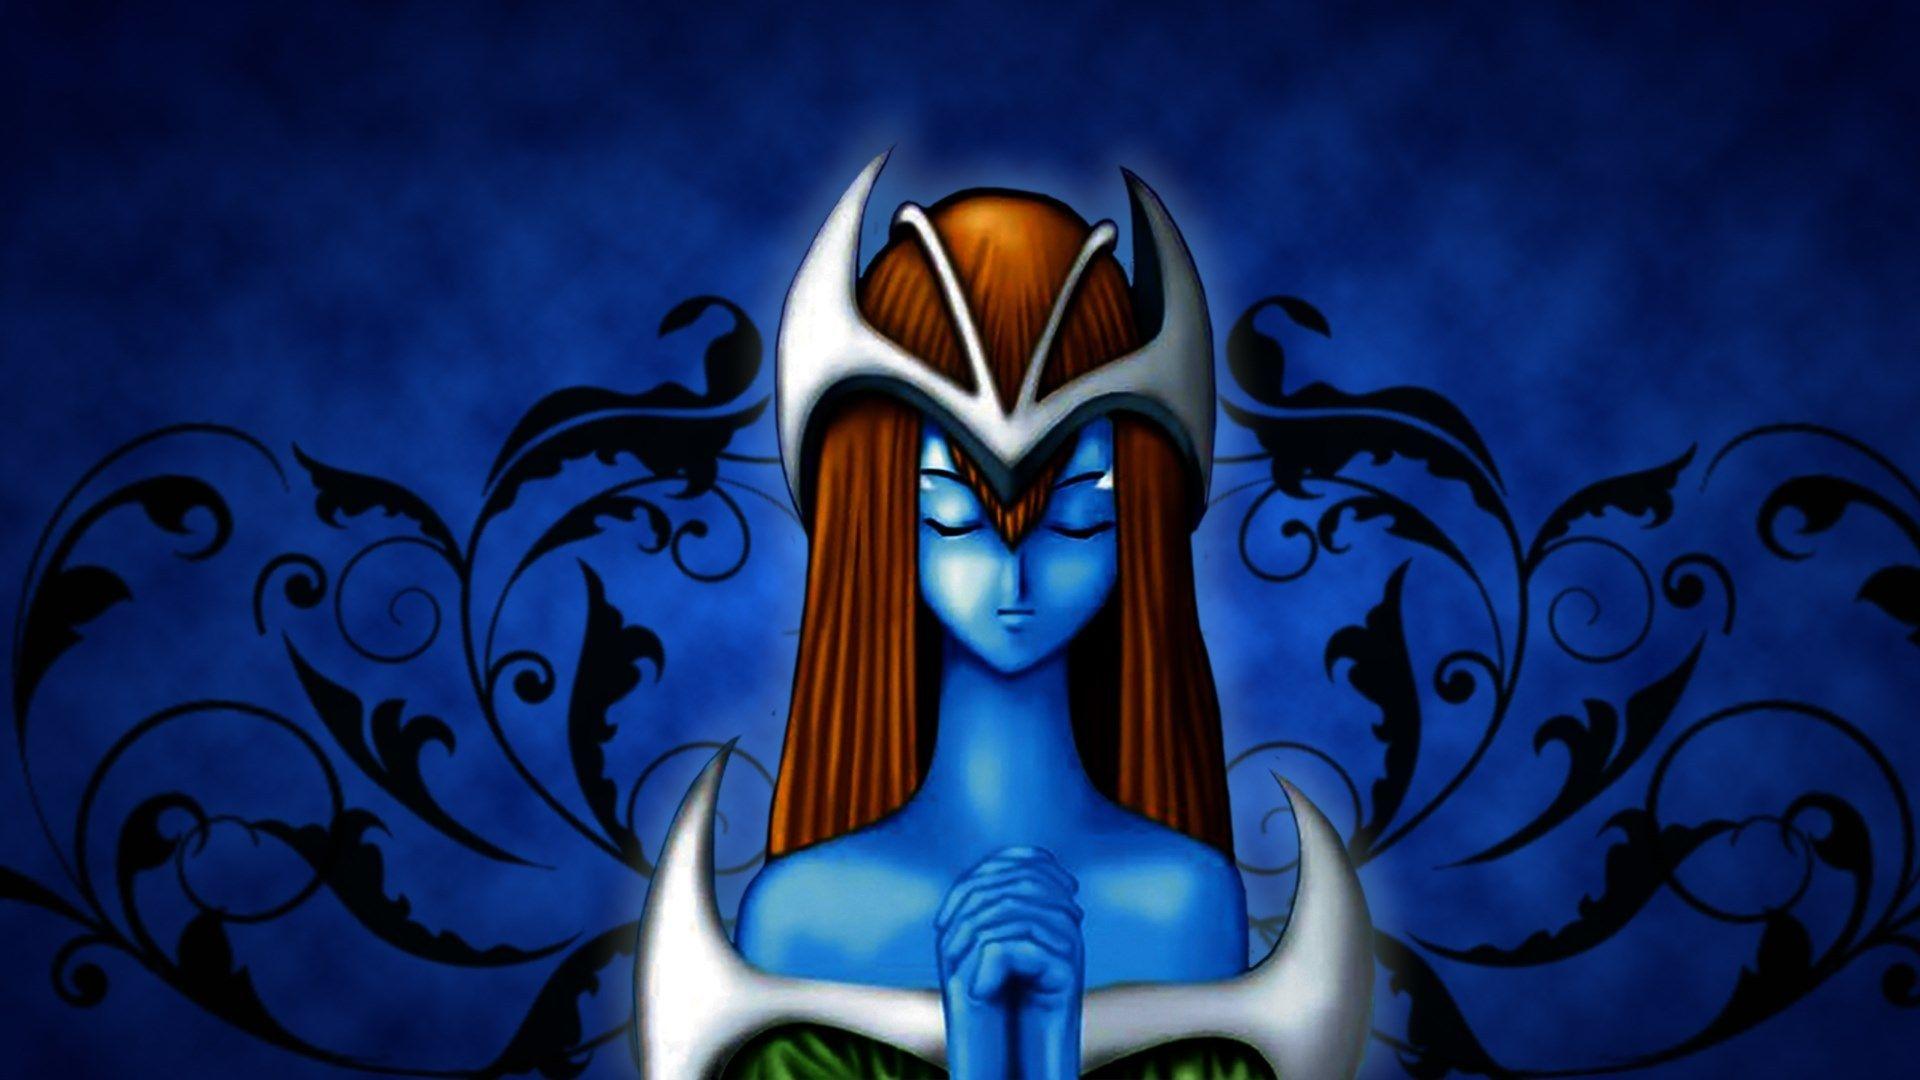 Yu Gi Oh Mystical Elf Hd Images 1920 1080 Resolution Hq